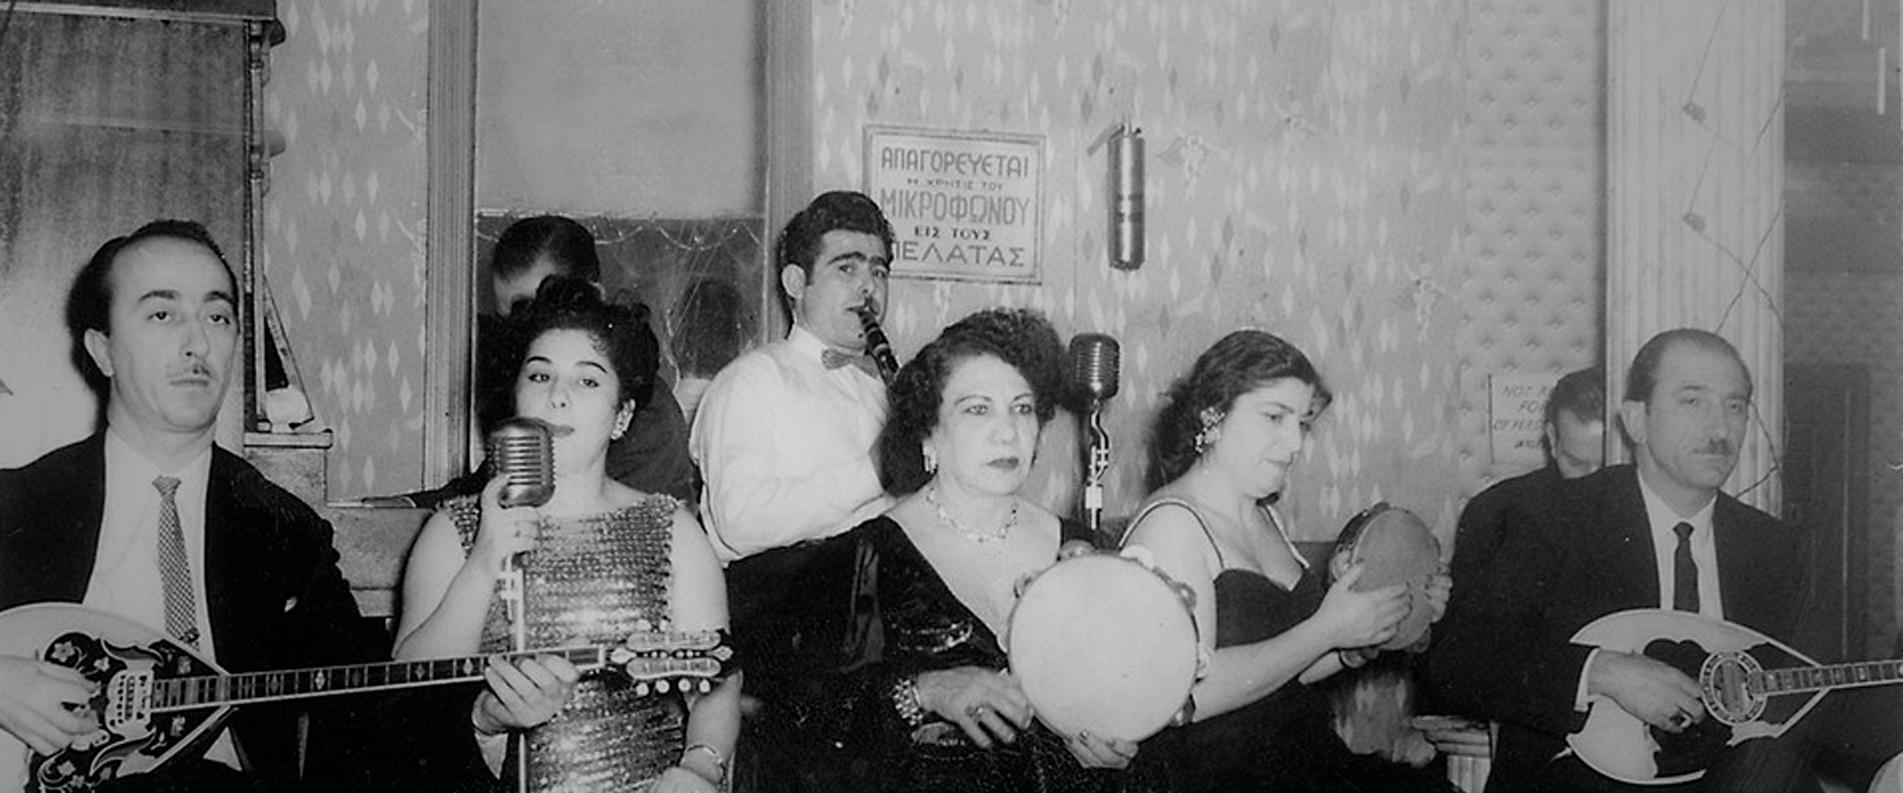 Греческая традиционная музыка и песенная культура Кипра